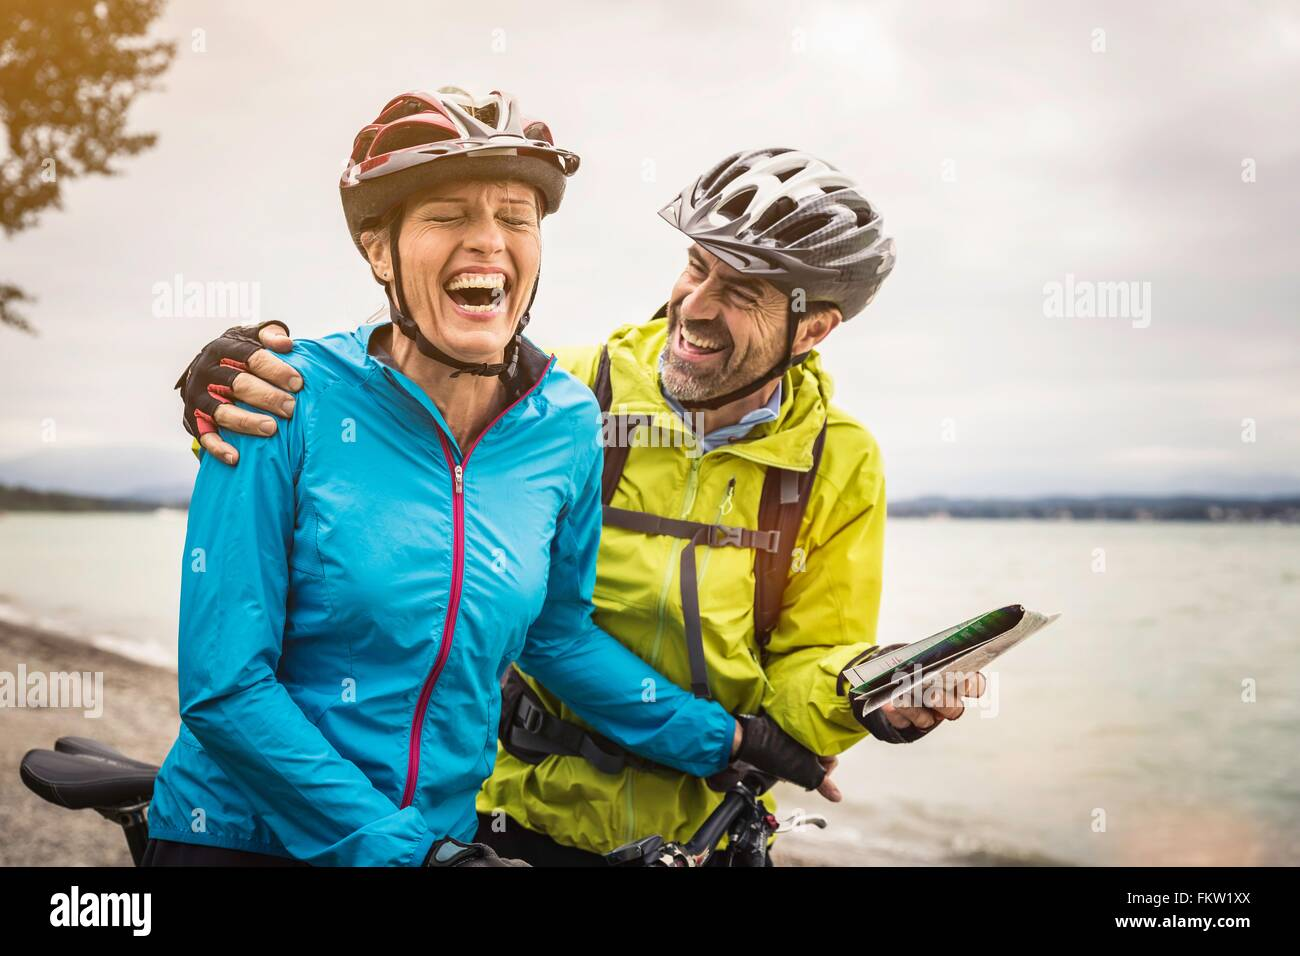 Reifen Sie Mountain Bike paar lachen während Check-Karte am Seeufer Stockbild